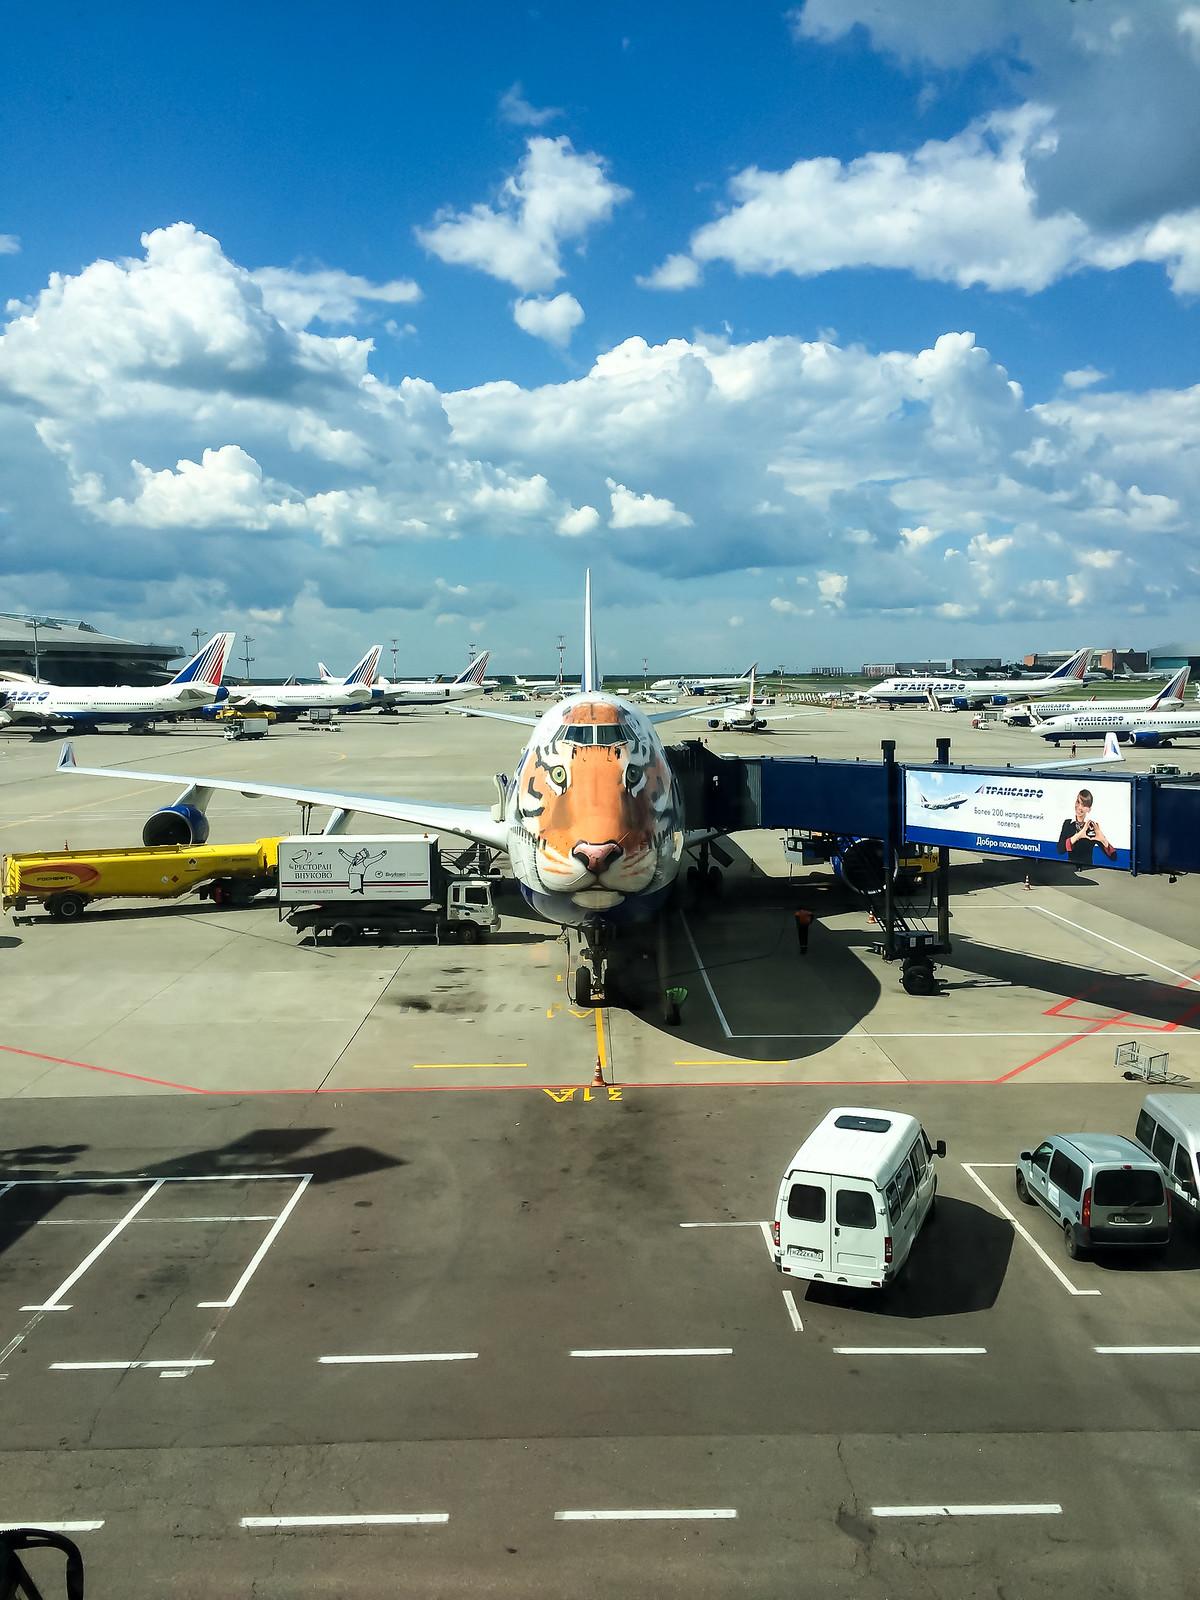 На перроне стоит 747 трансеэро, разукрашенный под Амурского тигра. Самолет был